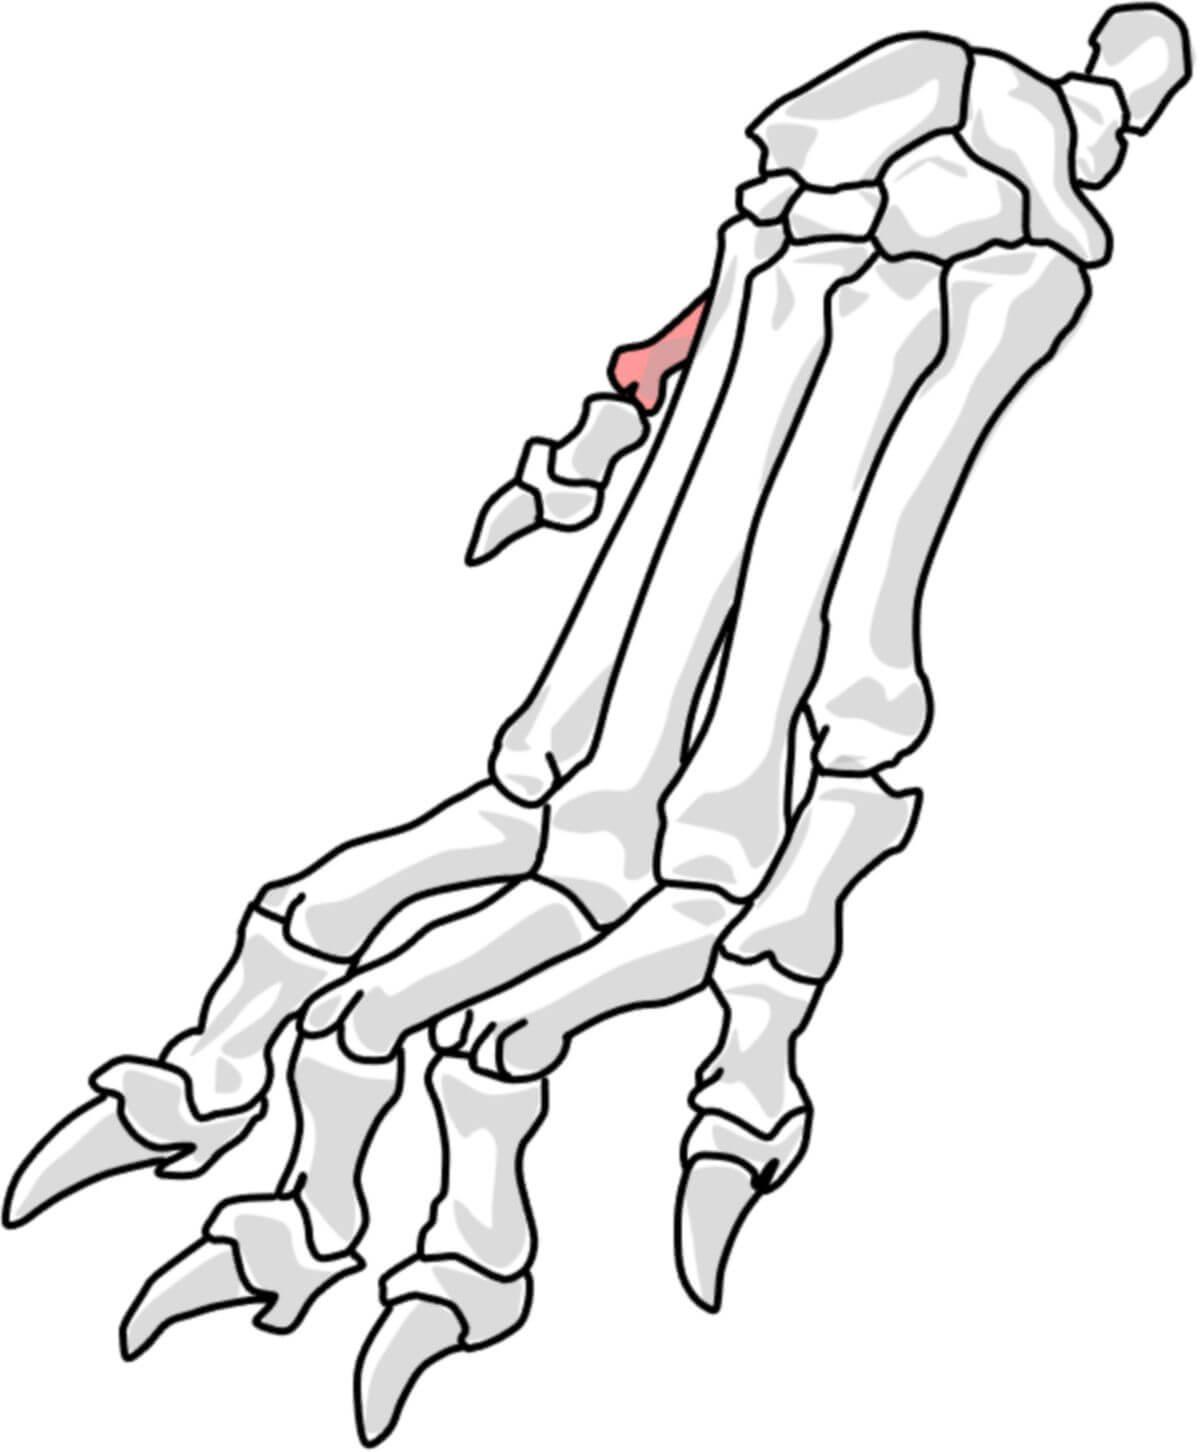 1. Metakarpalknochen beim Hund (© Patrick Messner)